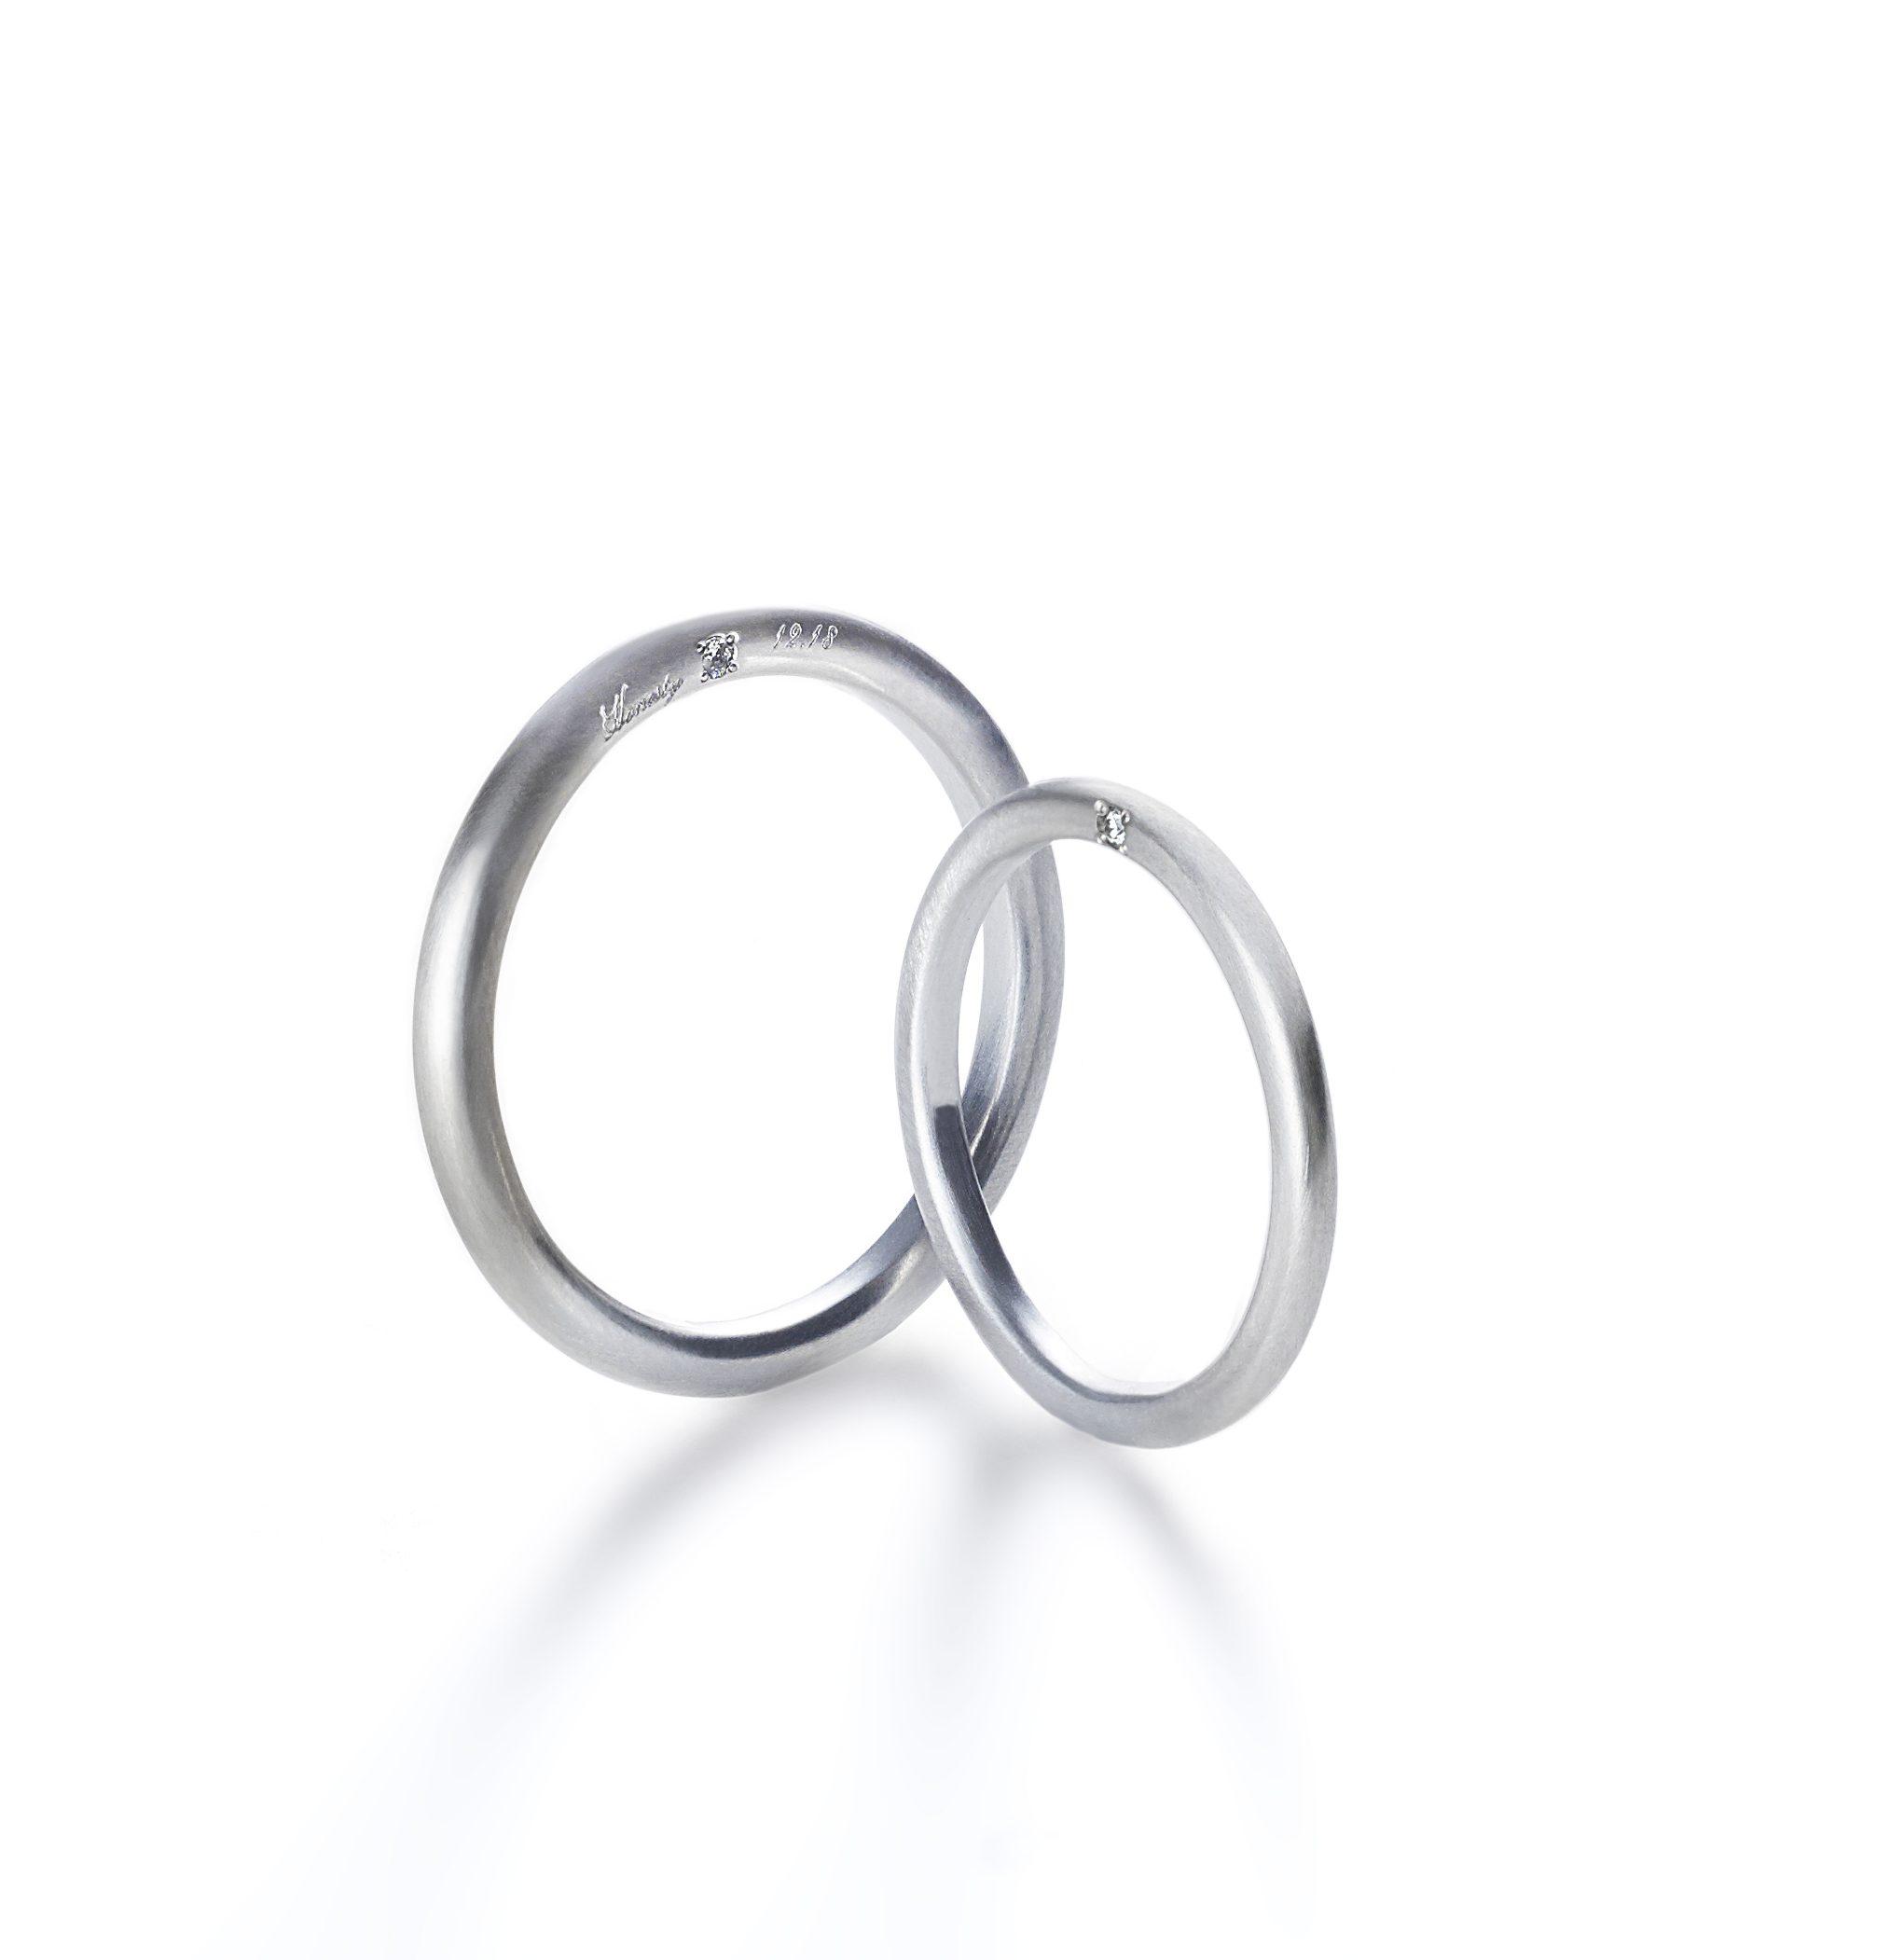 シンプル 結婚指輪のオネスティリング